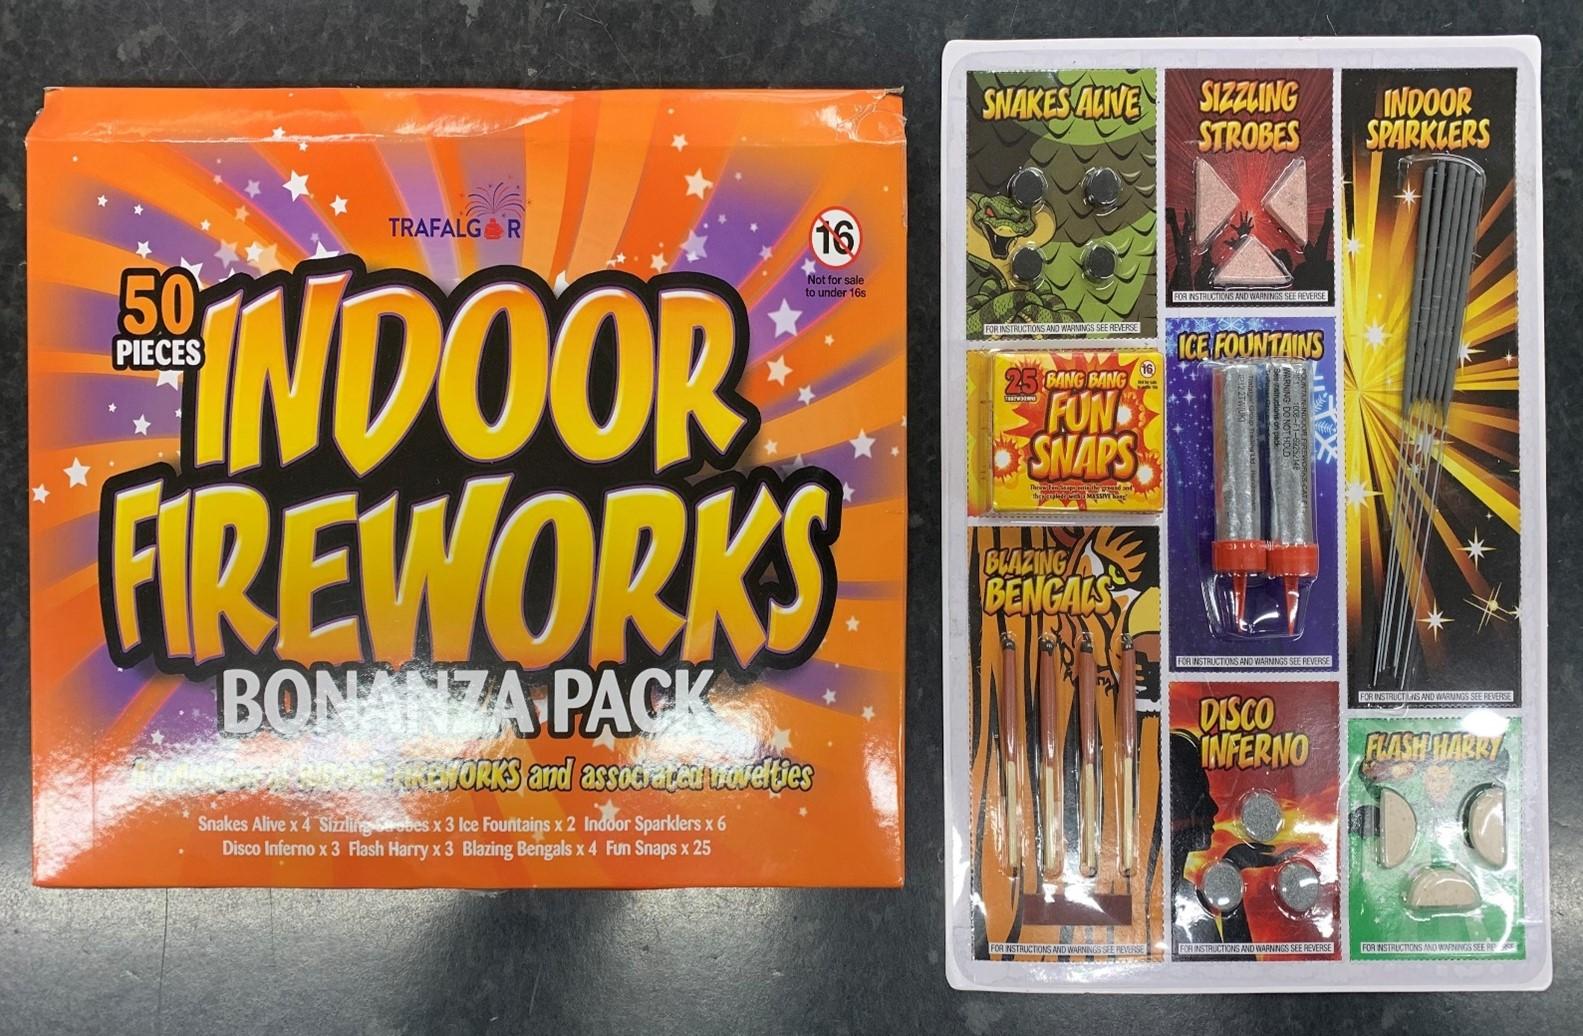 Fireworks categories 1